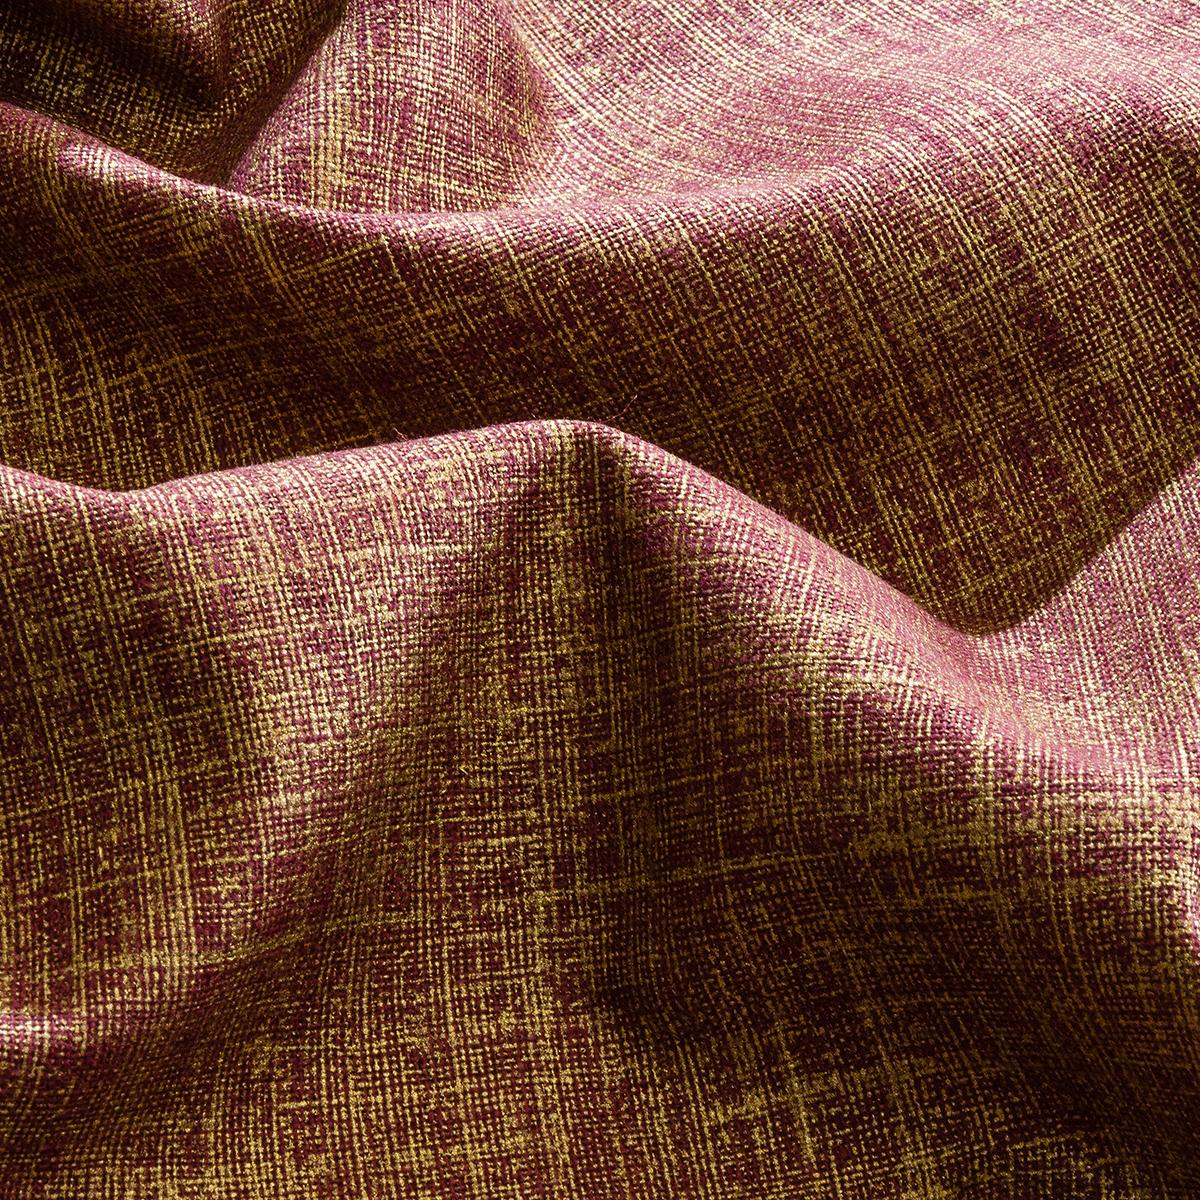 Luxury Maroon Cavendish Heavyweight Leaf Chenille Luxury Velvet Curtain Fabric